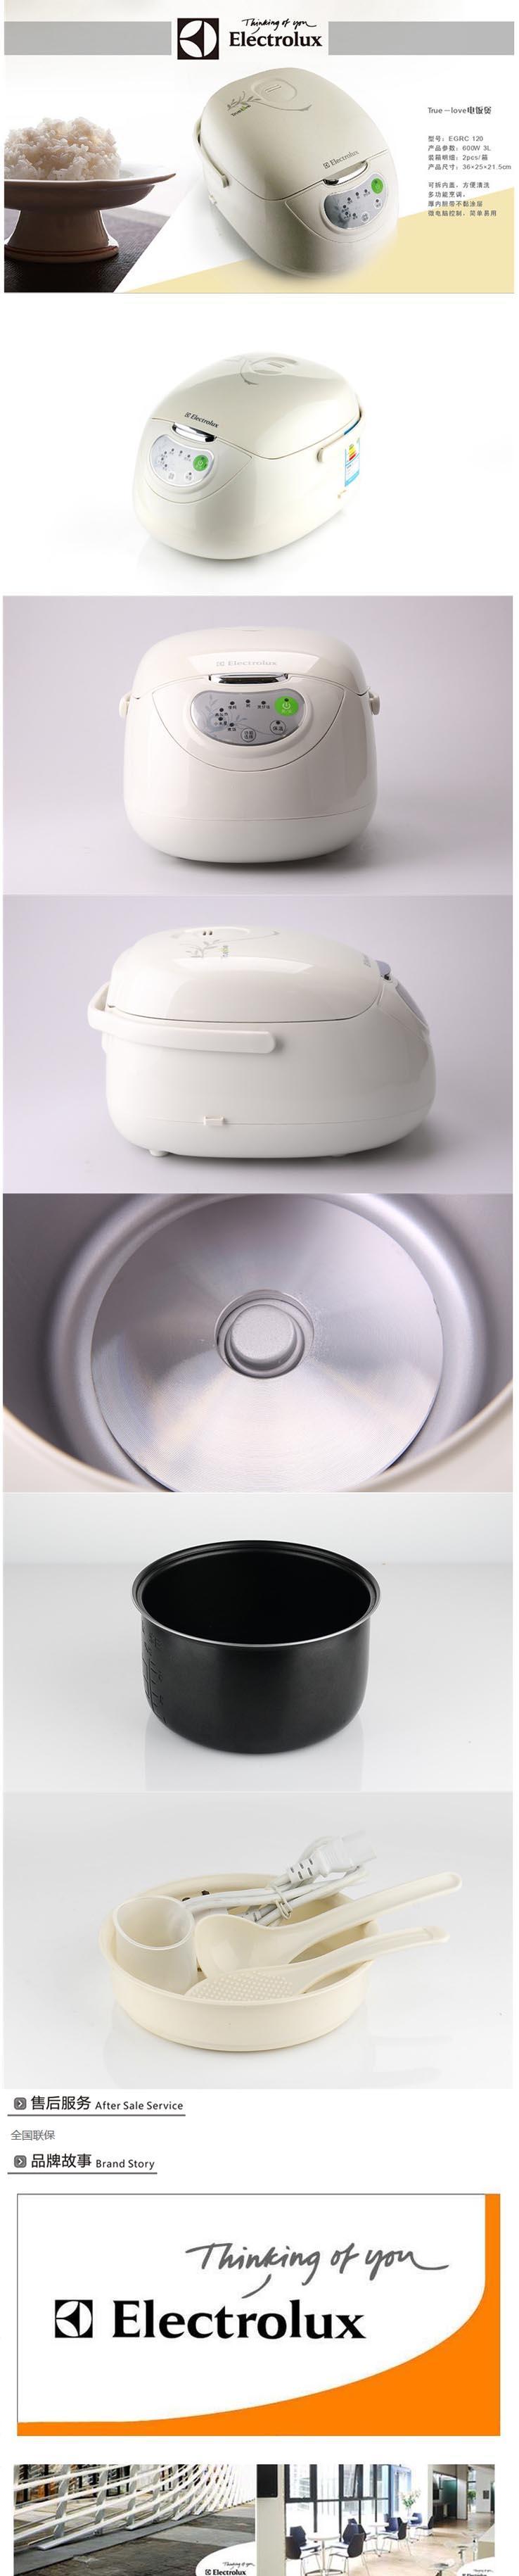 伊莱克斯 电饭煲 egrc120 [白色]